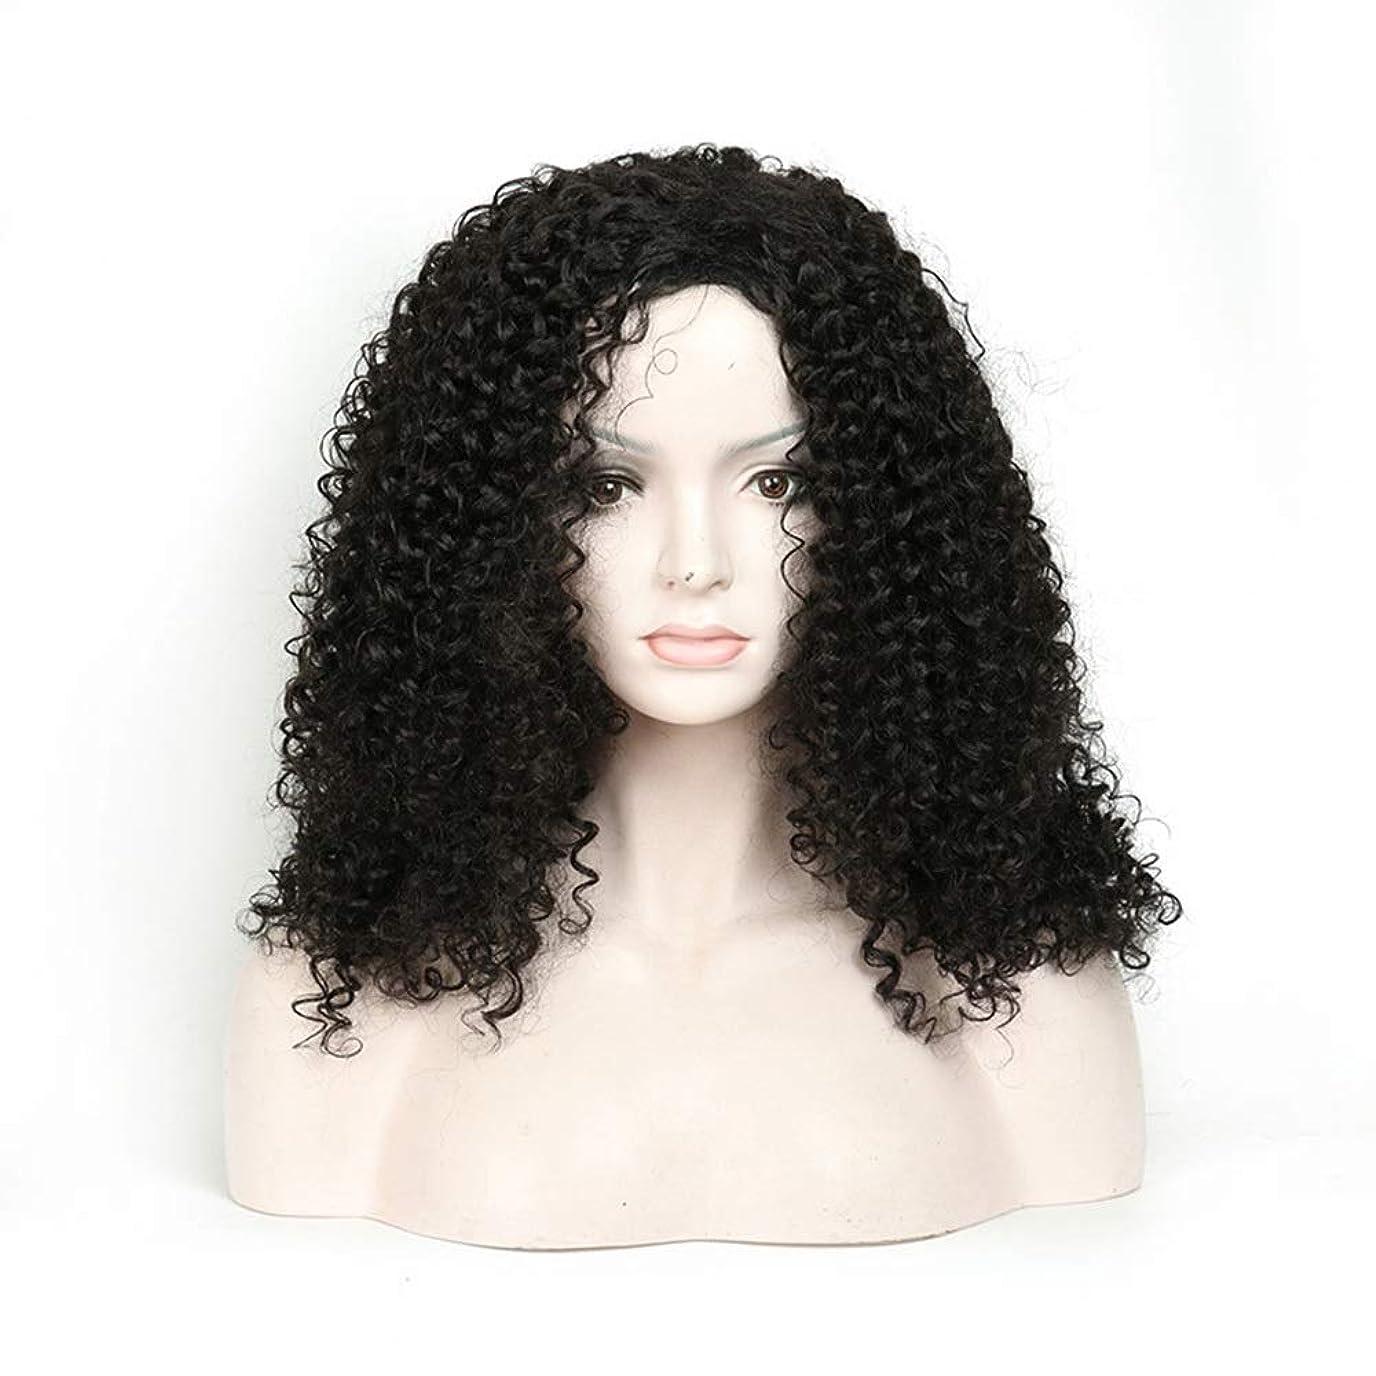 飛行場子孫起きているBOBIDYEE 人工毛アフリカブラックロングカーリーウィッグ18インチ女性用デイリードレスパーティーウィッグ (色 : 黒)